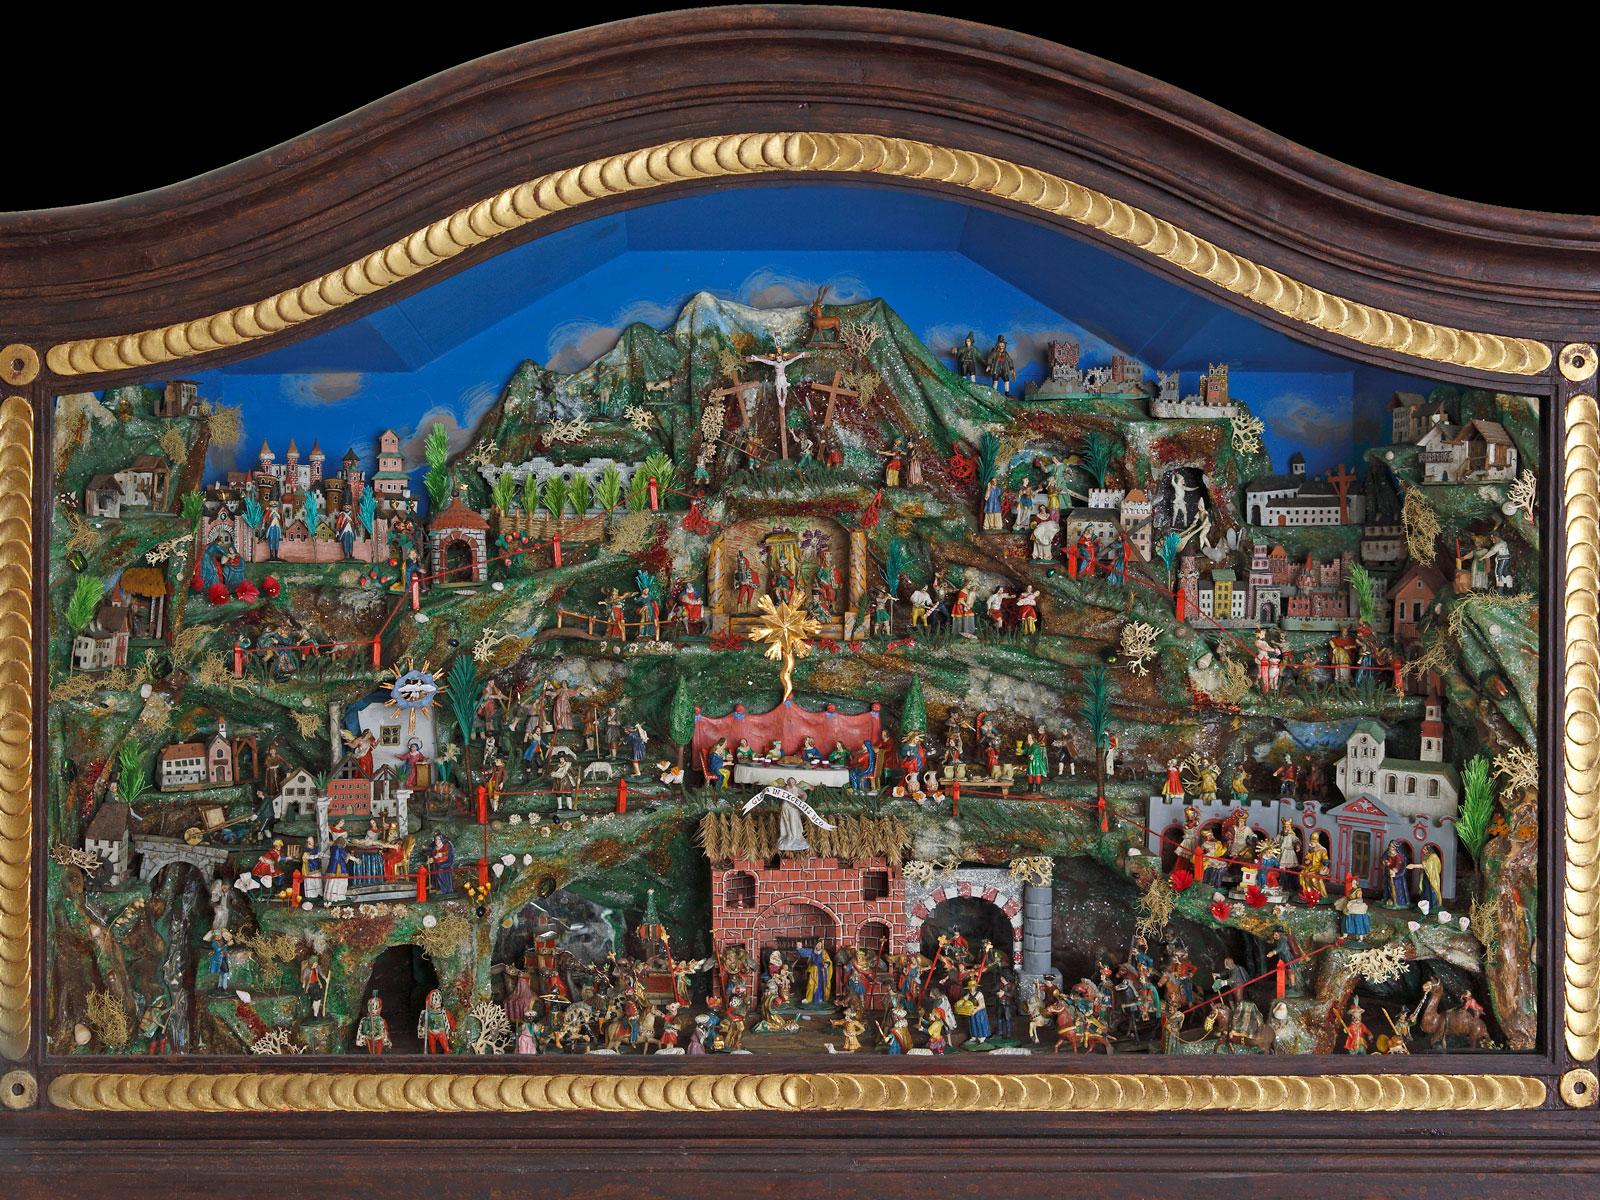 Die Tiroler Simultankrippe entstand um das Jahr 1800 herum und kann von 1. Dezember bis 2. Februar im Diözesanmuseum St. Afra in Augsburg bestaunt werden (Foto: Norbert Liesz)